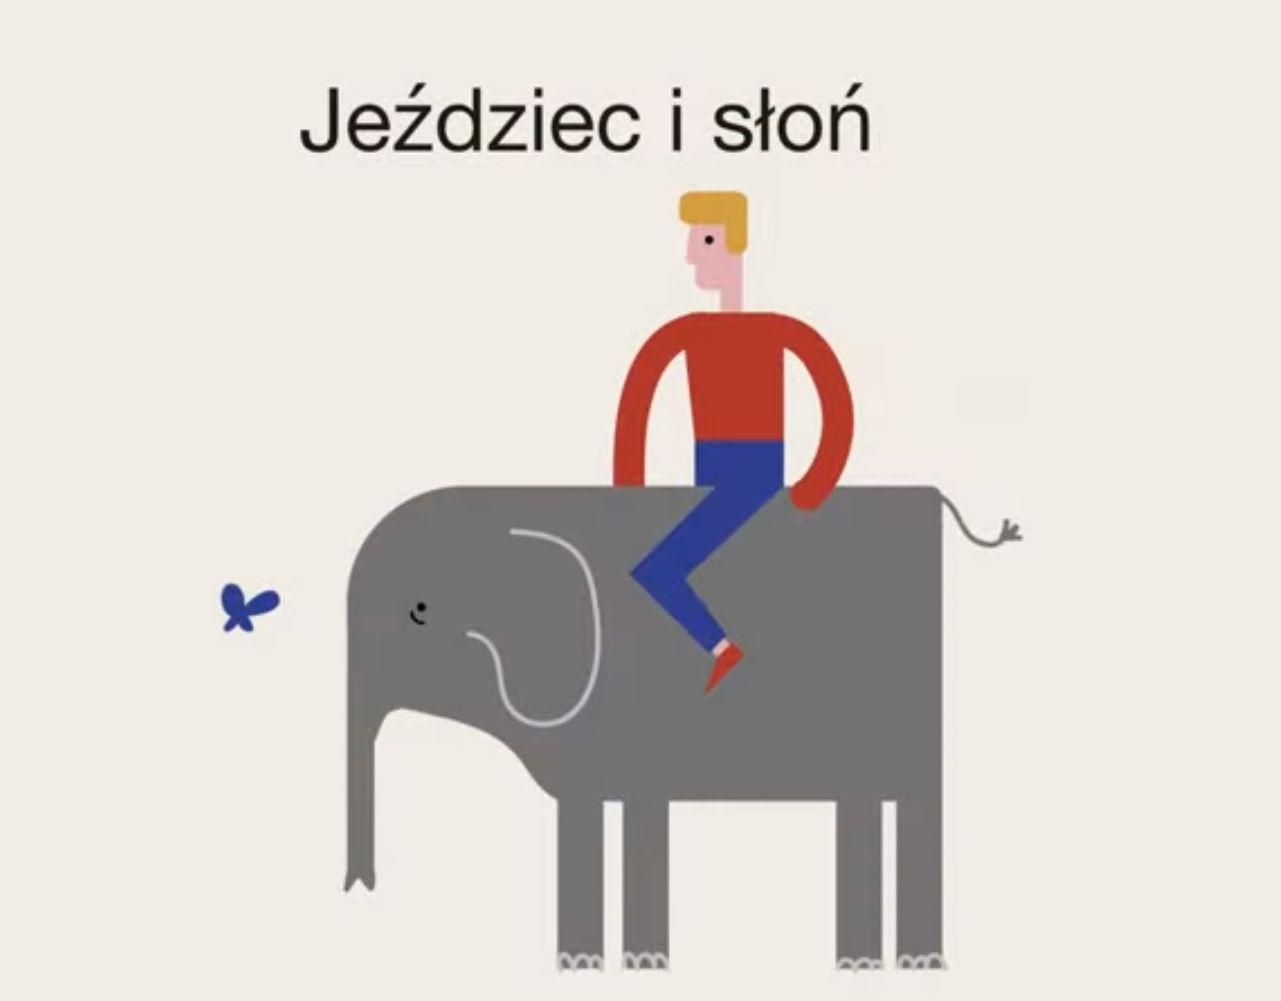 Metafora jeźdźca i słonia (Fot. SWPS)